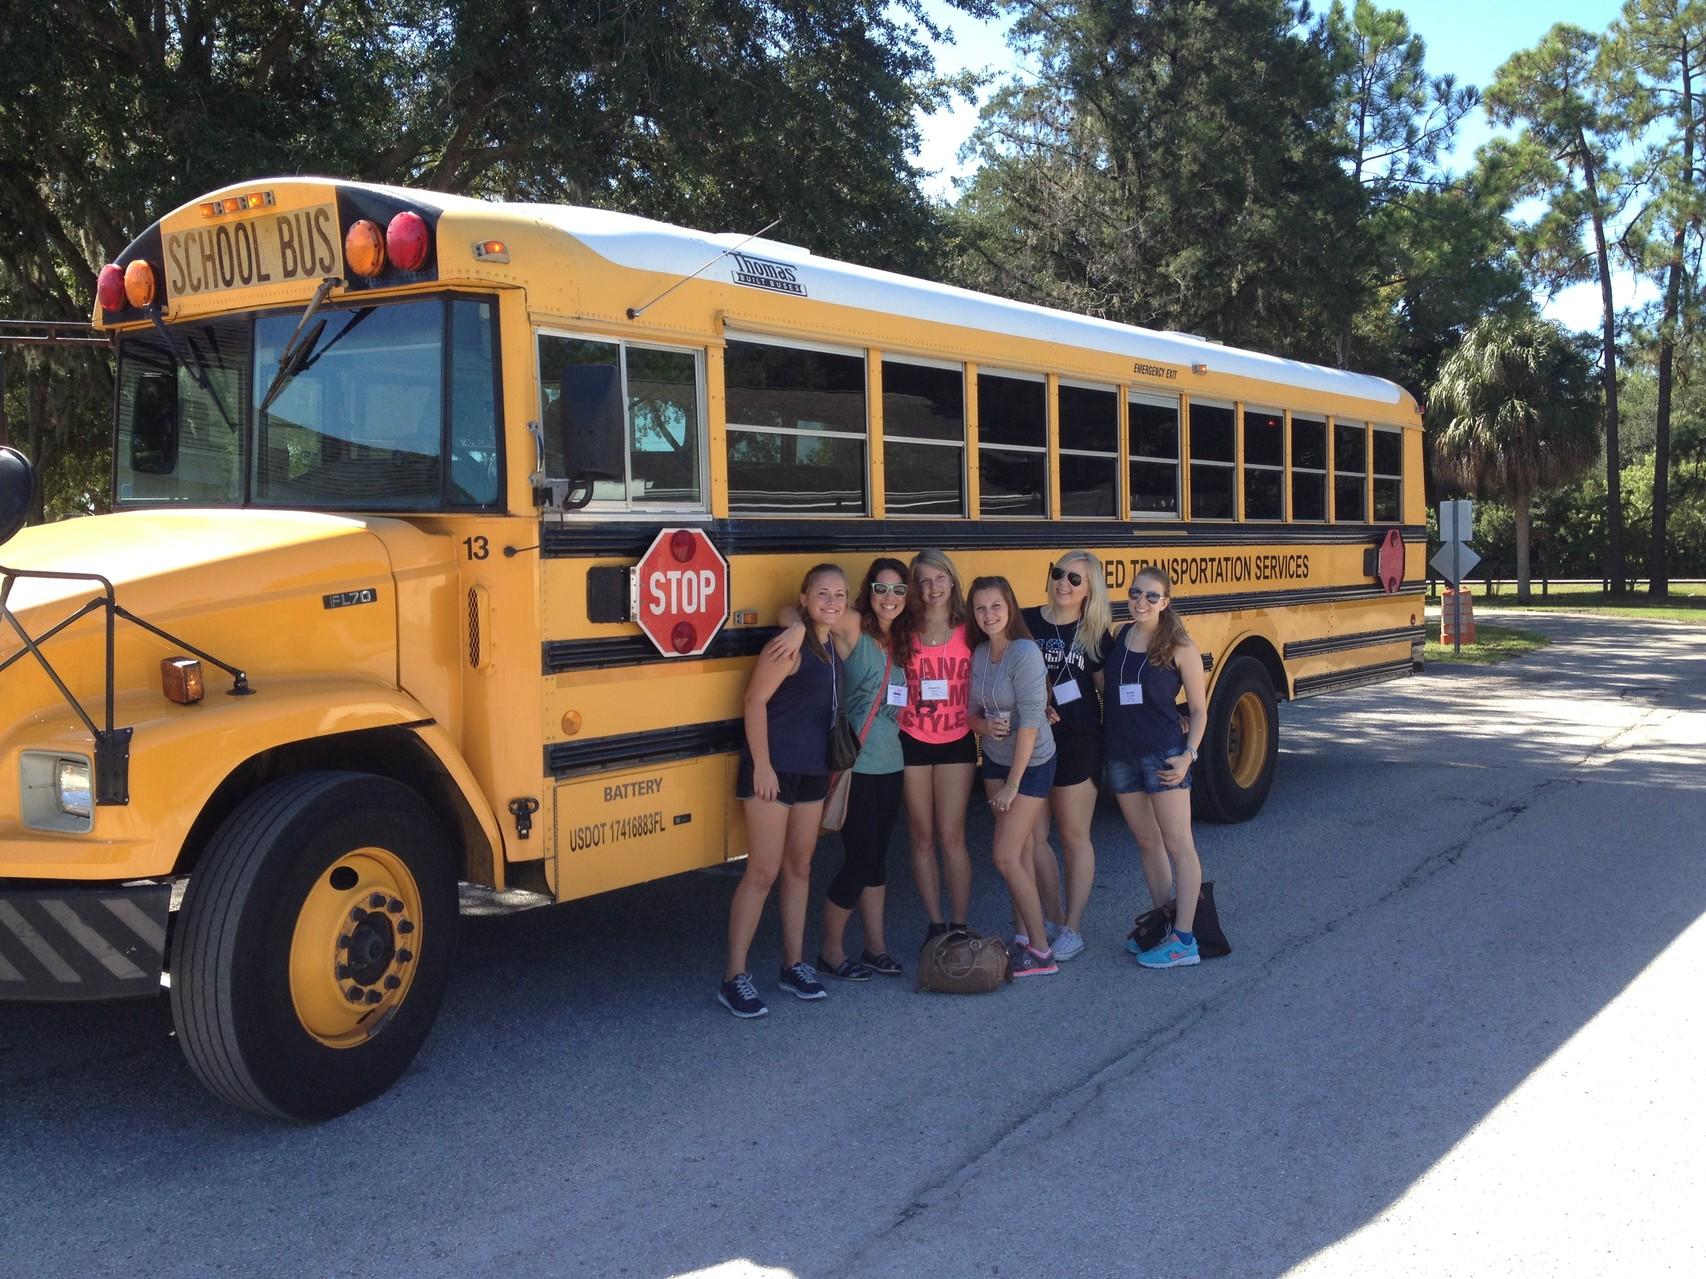 Endlich ein Bild vor einem gelben Schulbus!